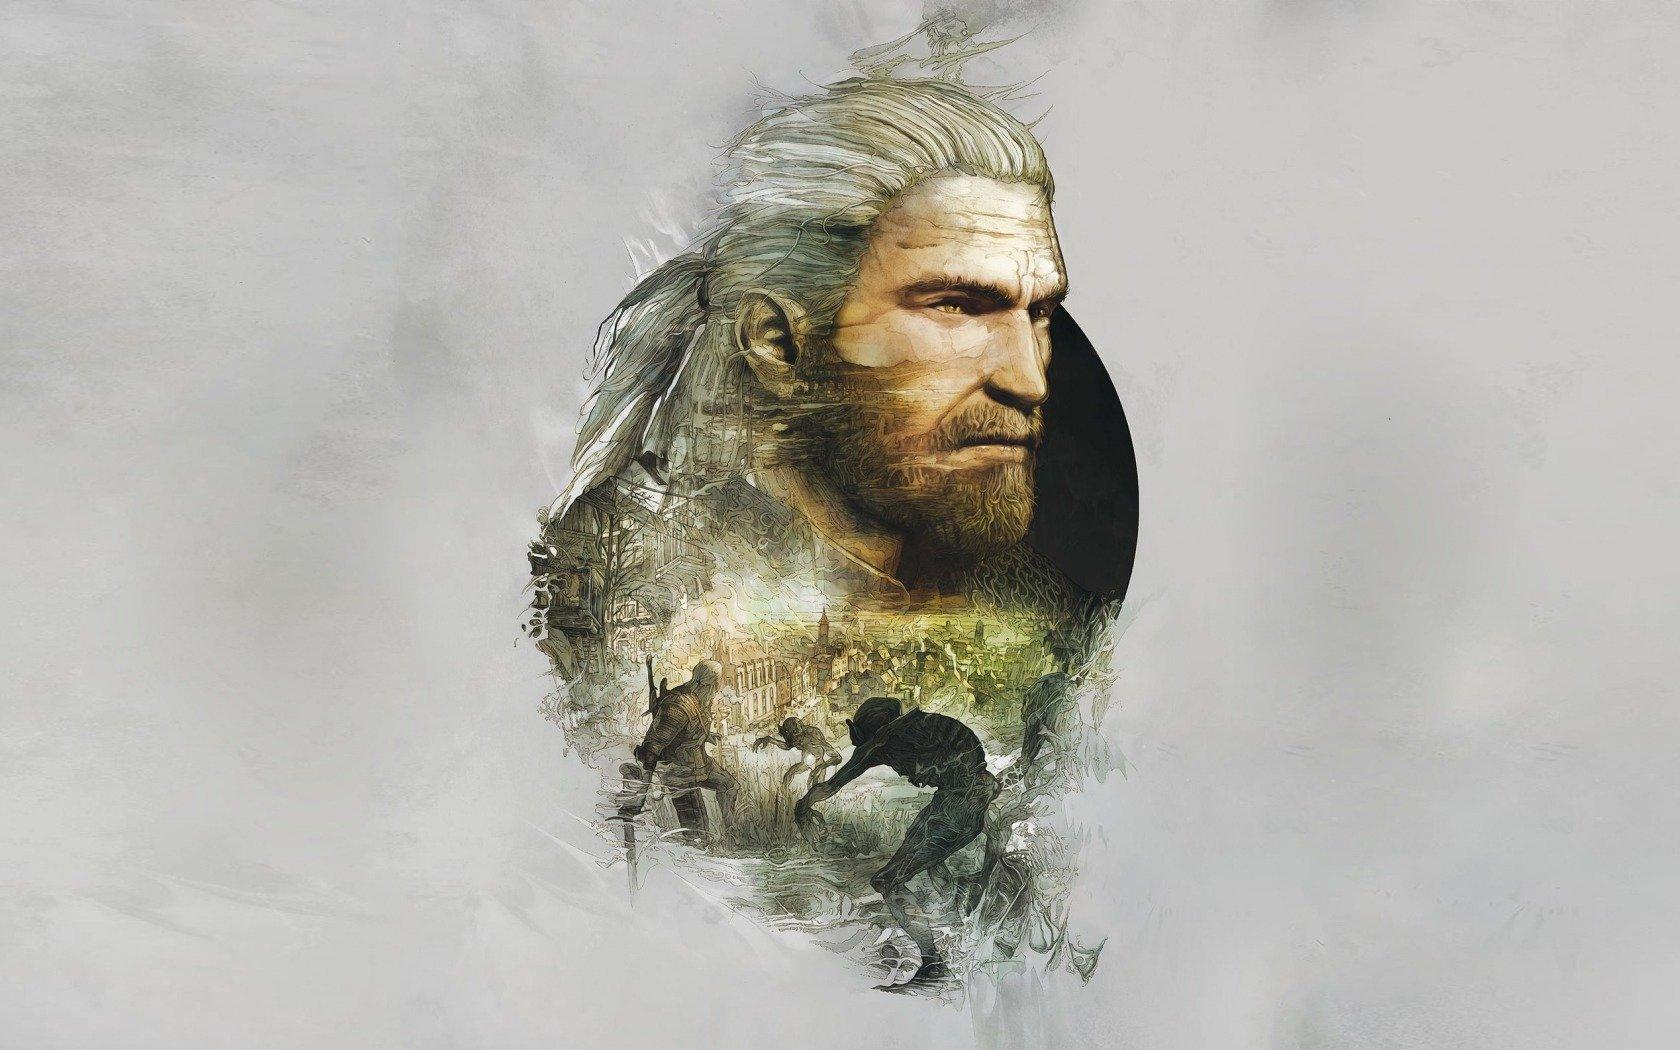 The Witcher 3: Wild Hunt. Видеоинтервью с Дэмианом Монье.   В общем интервью не самое главное, тем более перевода не .... - Изображение 1